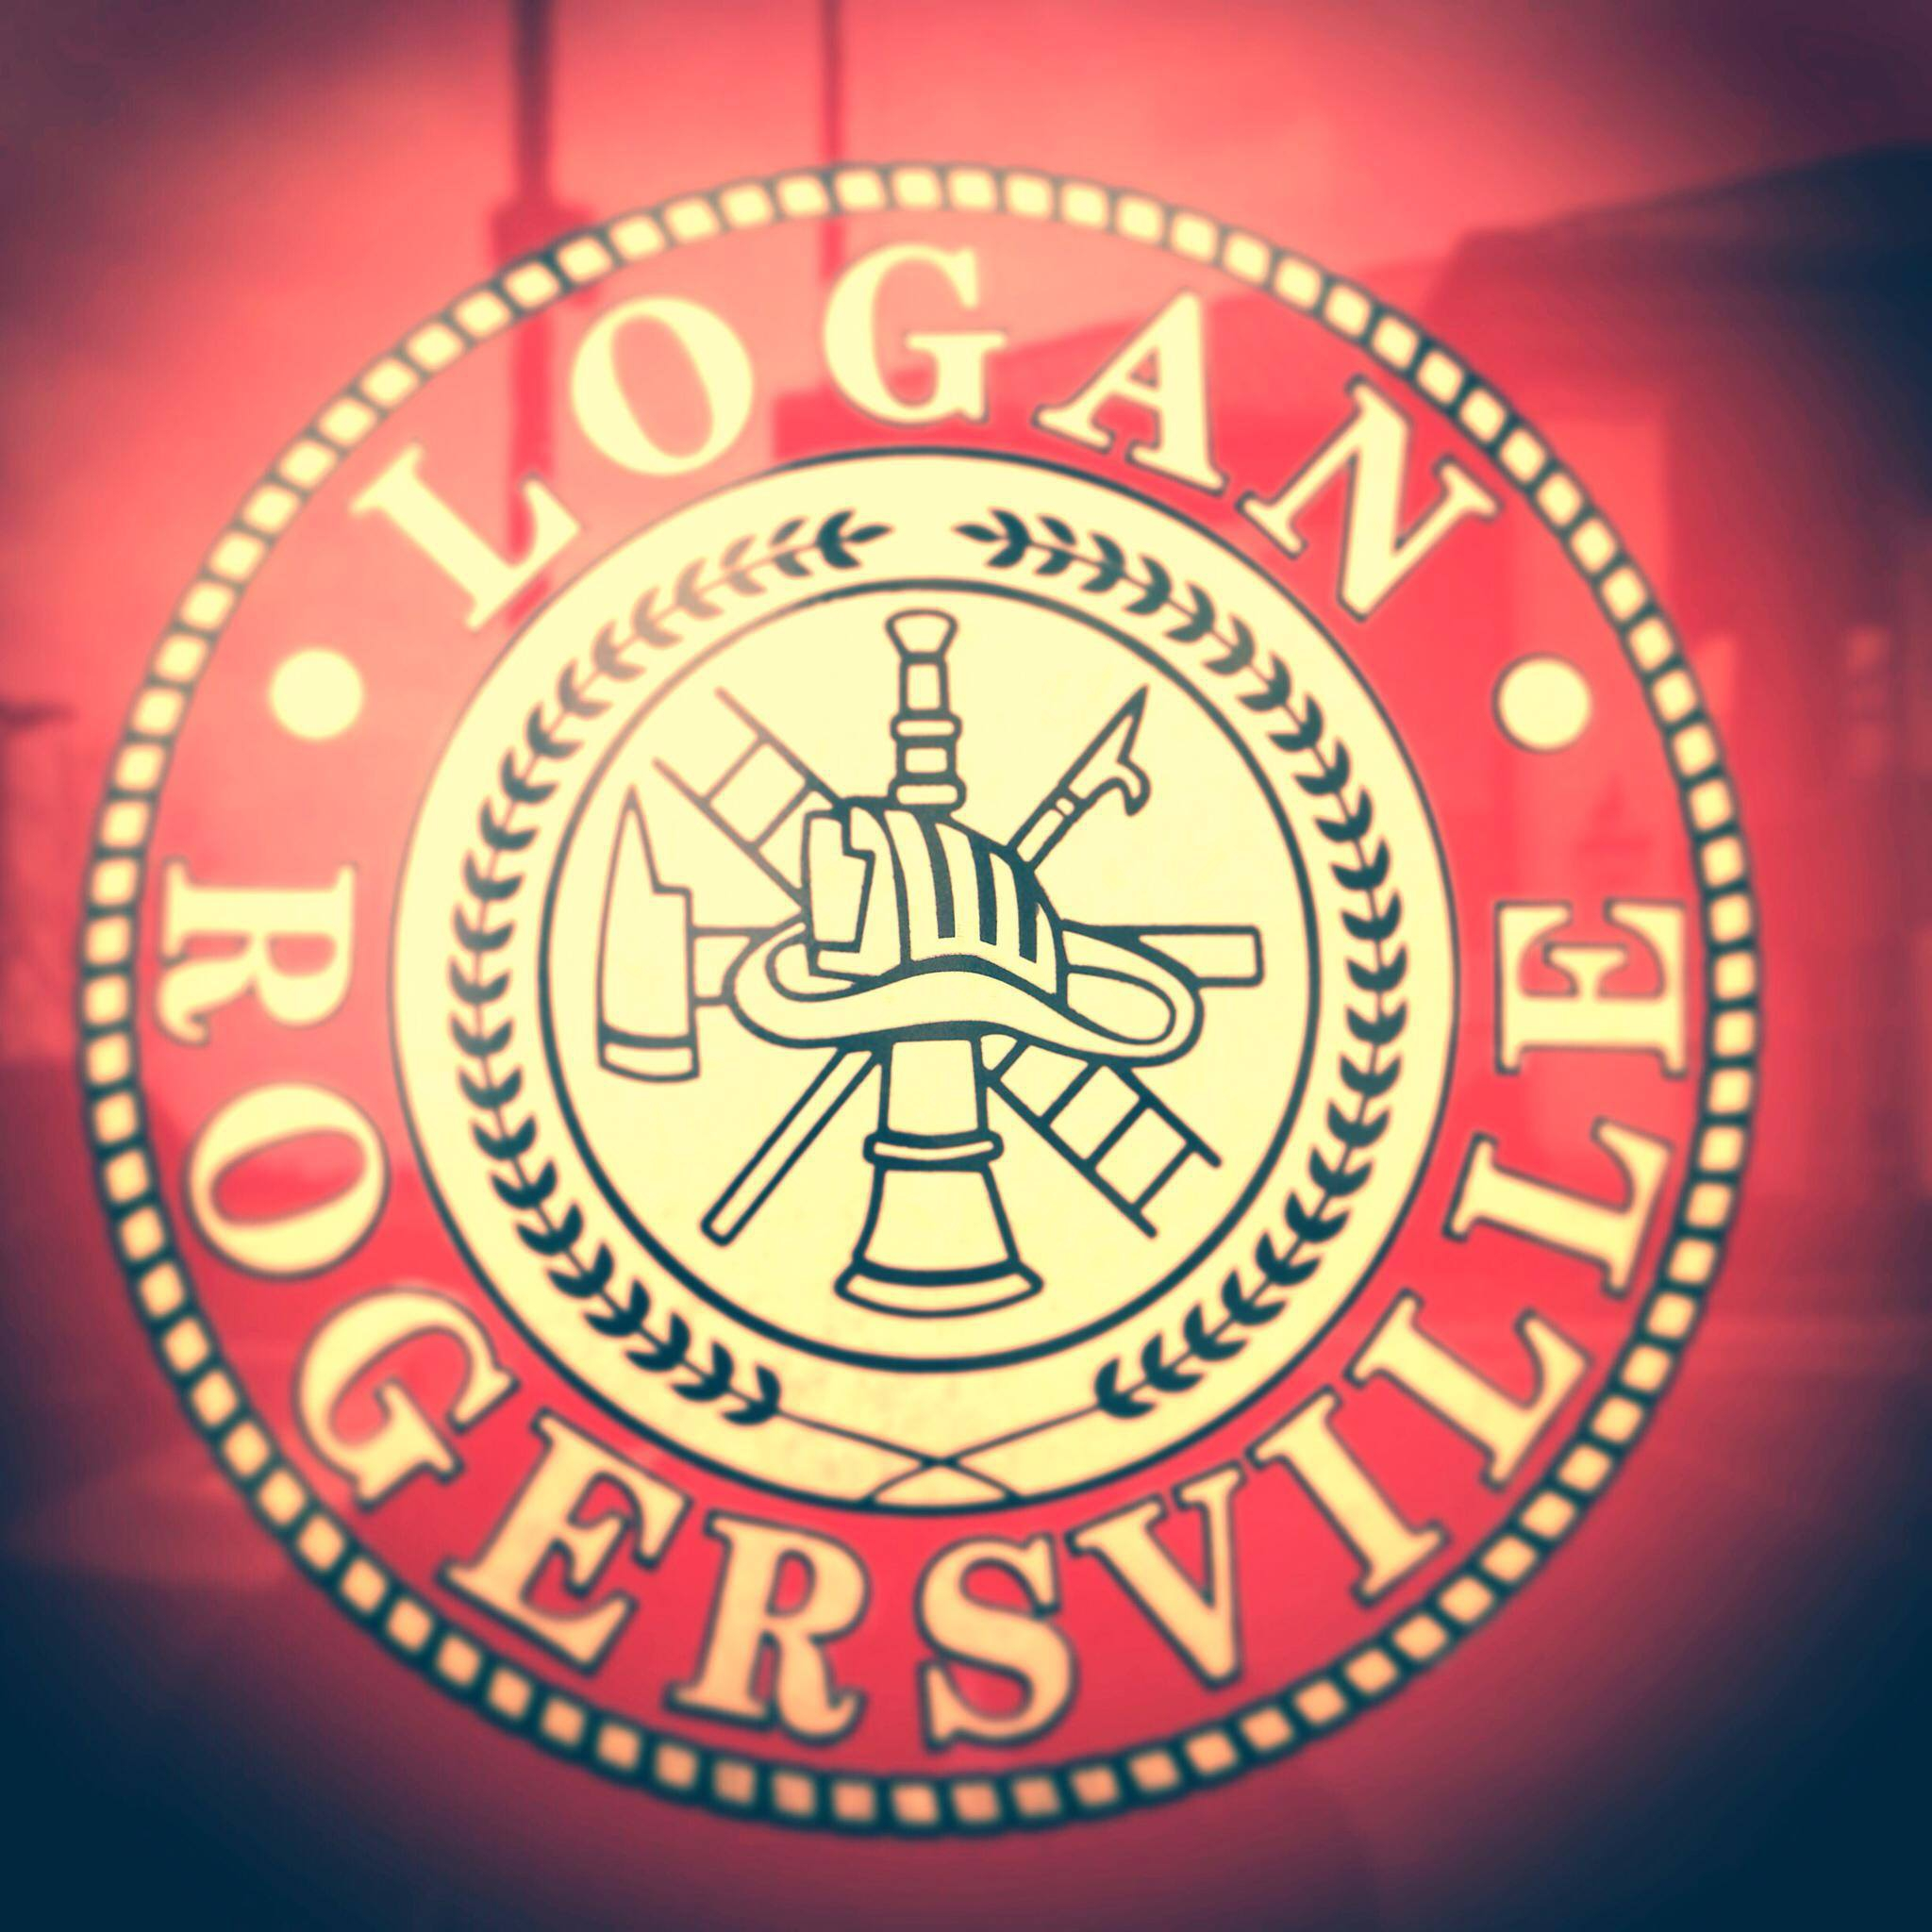 Logan-Rogersville Fire Department